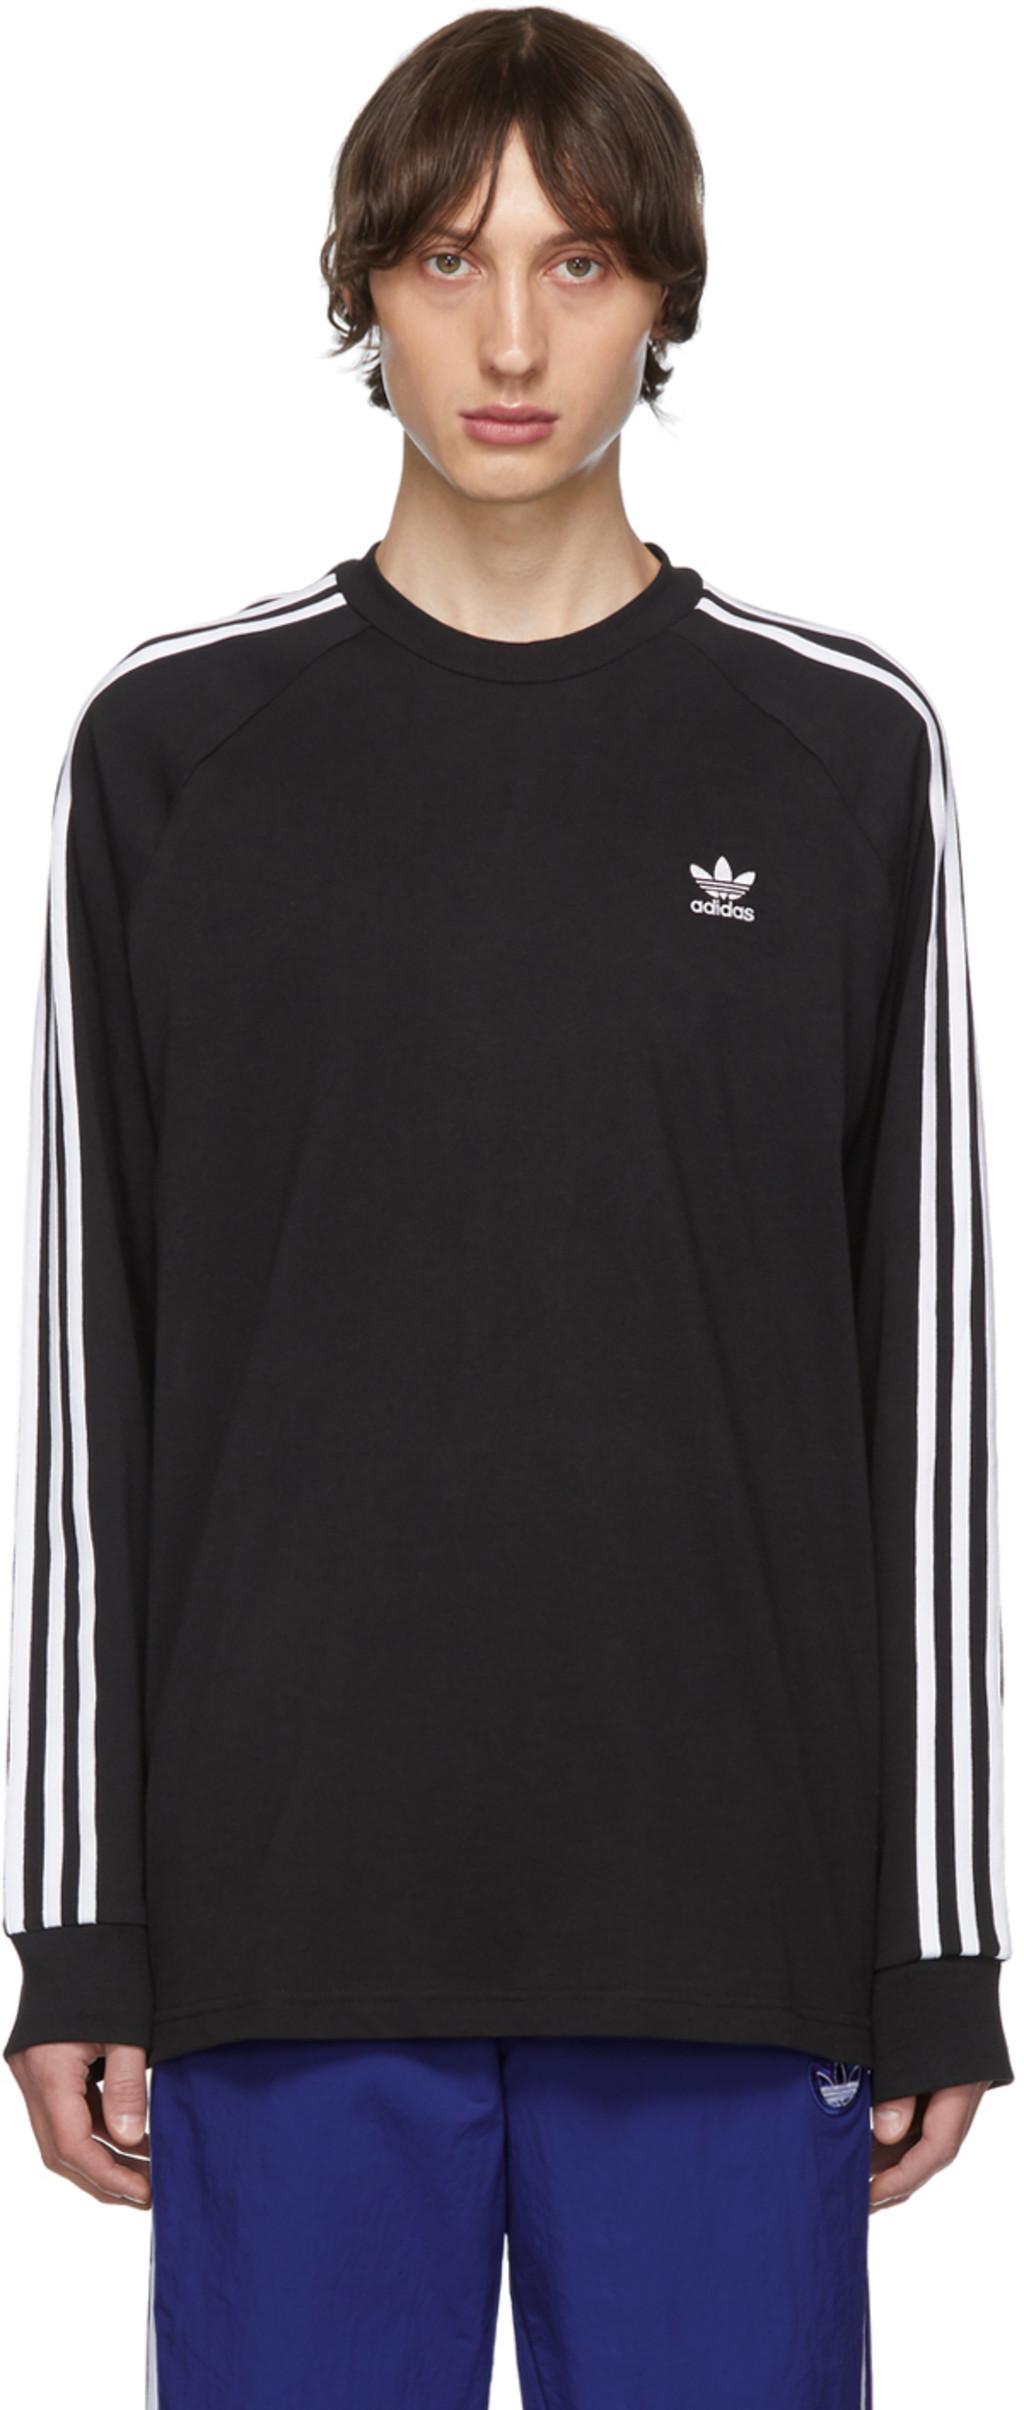 23a7b9c733 Black 3-Stripes Long Sleeve T-Shirt